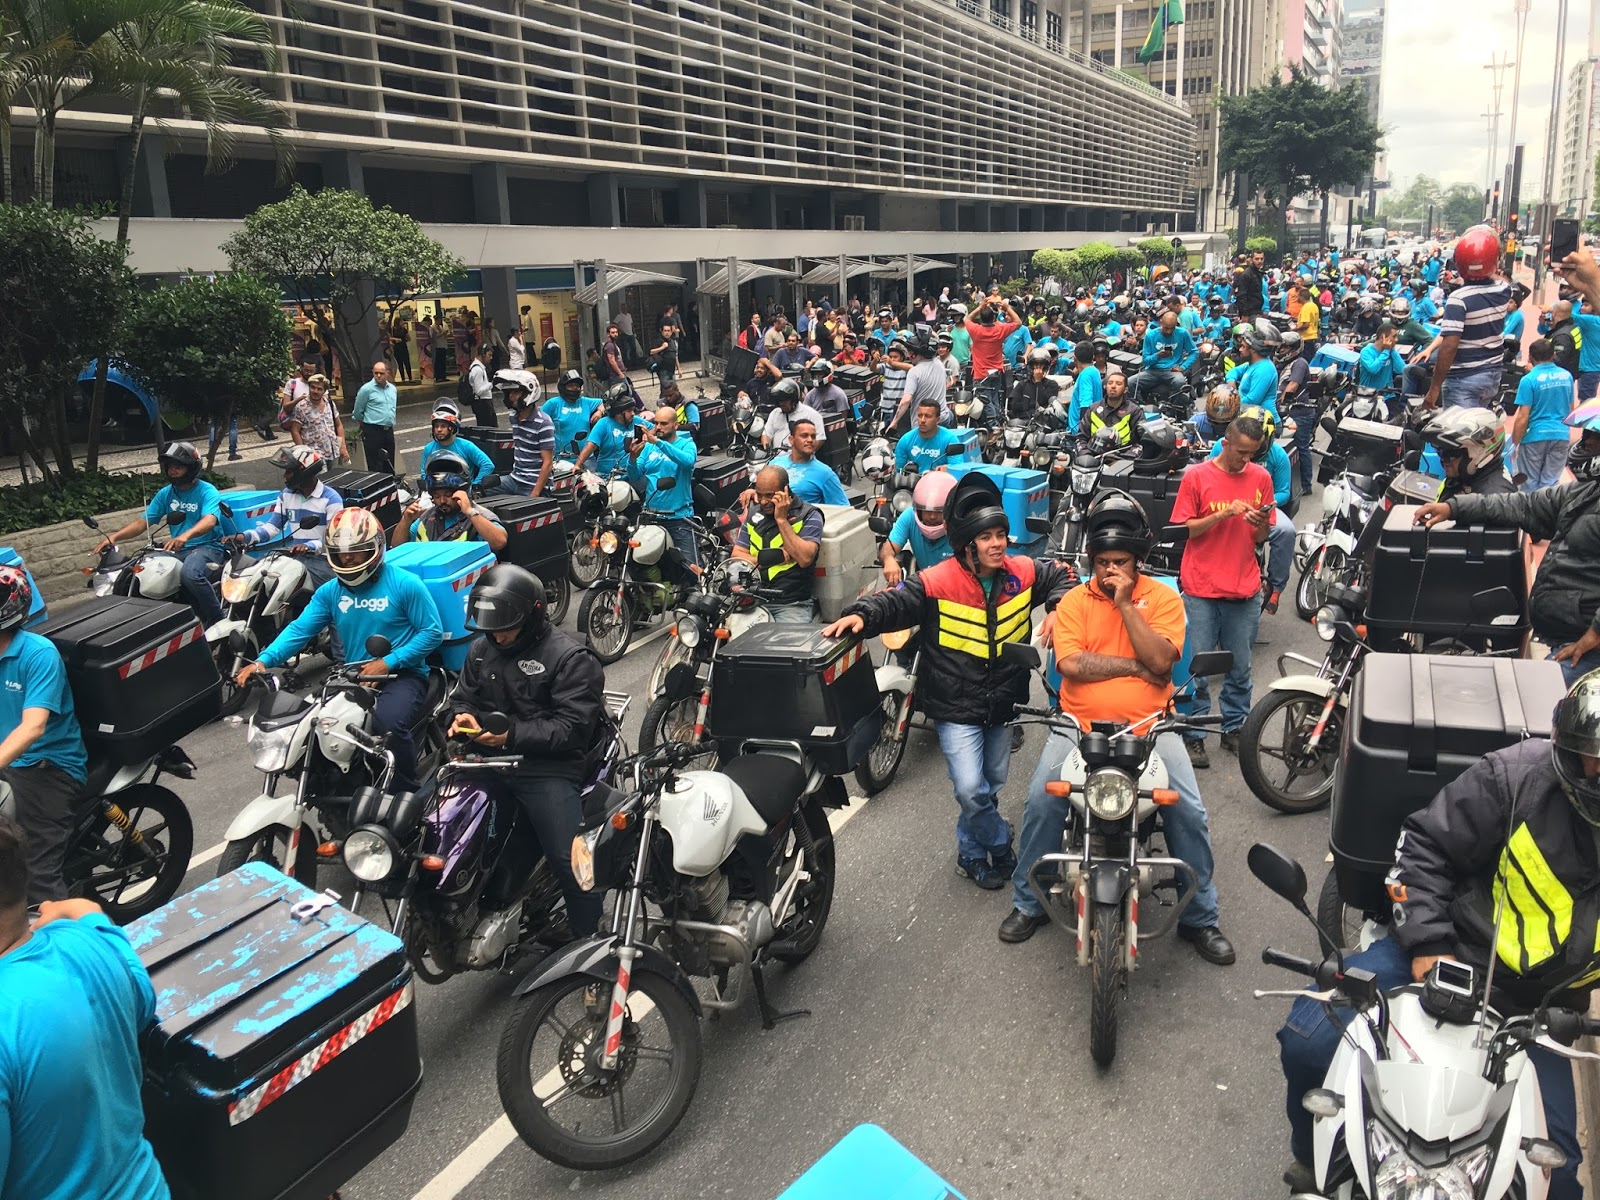 Luta nos aplicativos: paralisação dos motoboys da Loggi em São Paulo